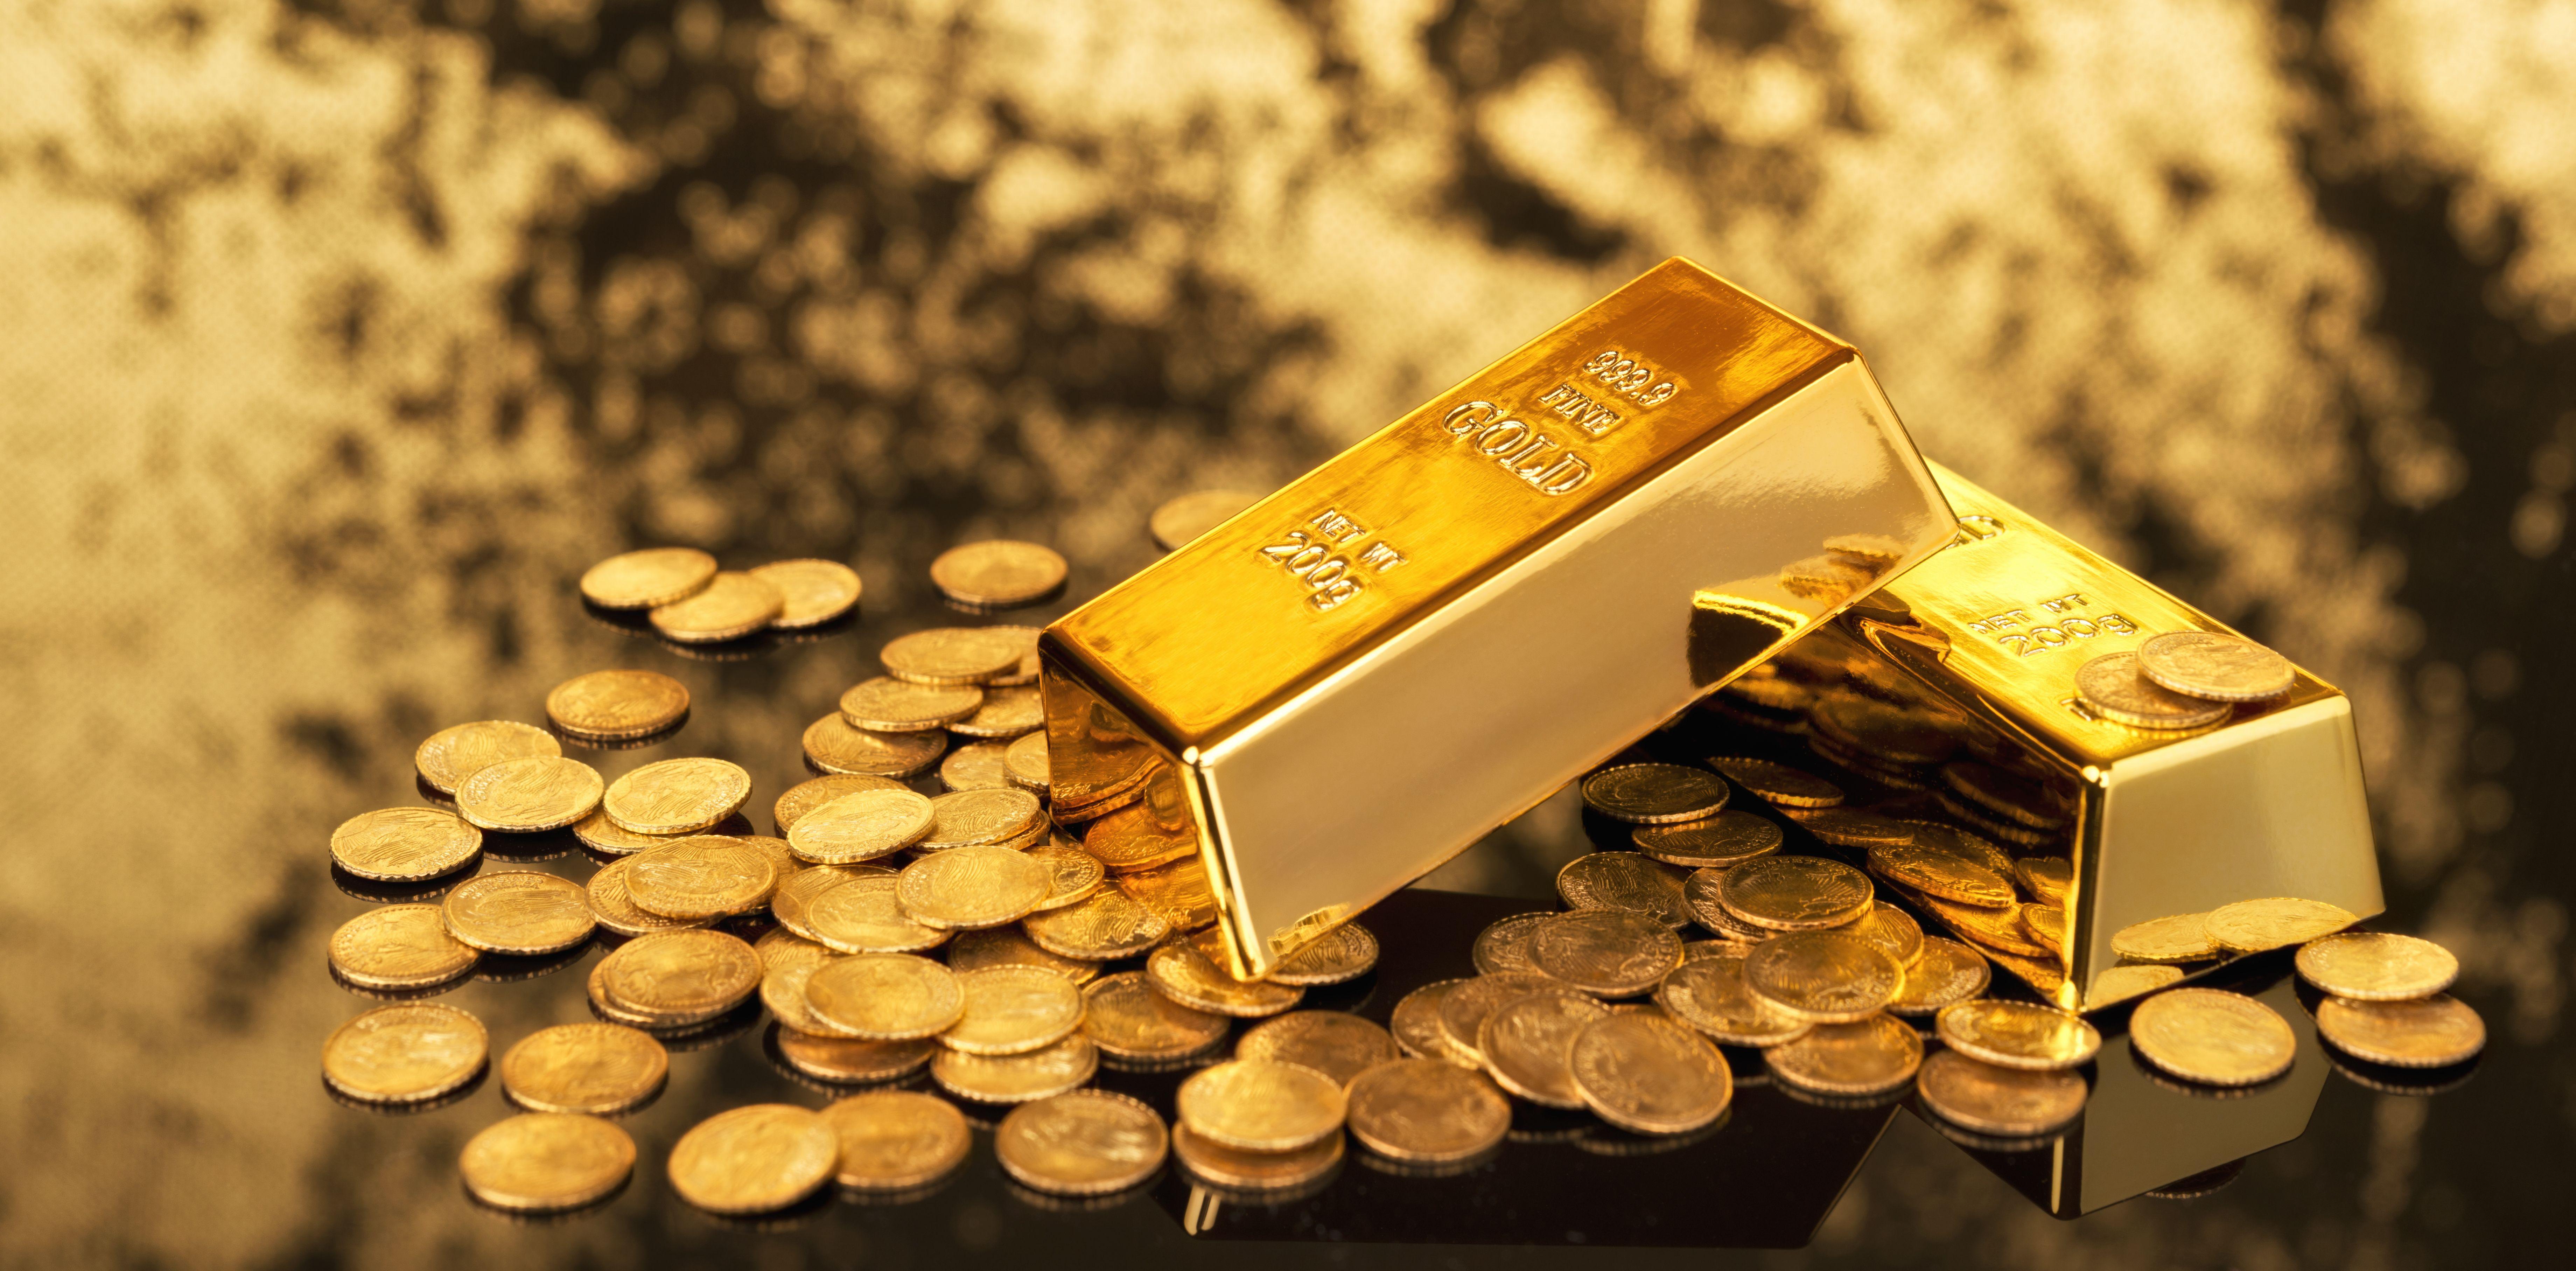 Compra venta de oro y plata: Servicios de Oroxeurogandia